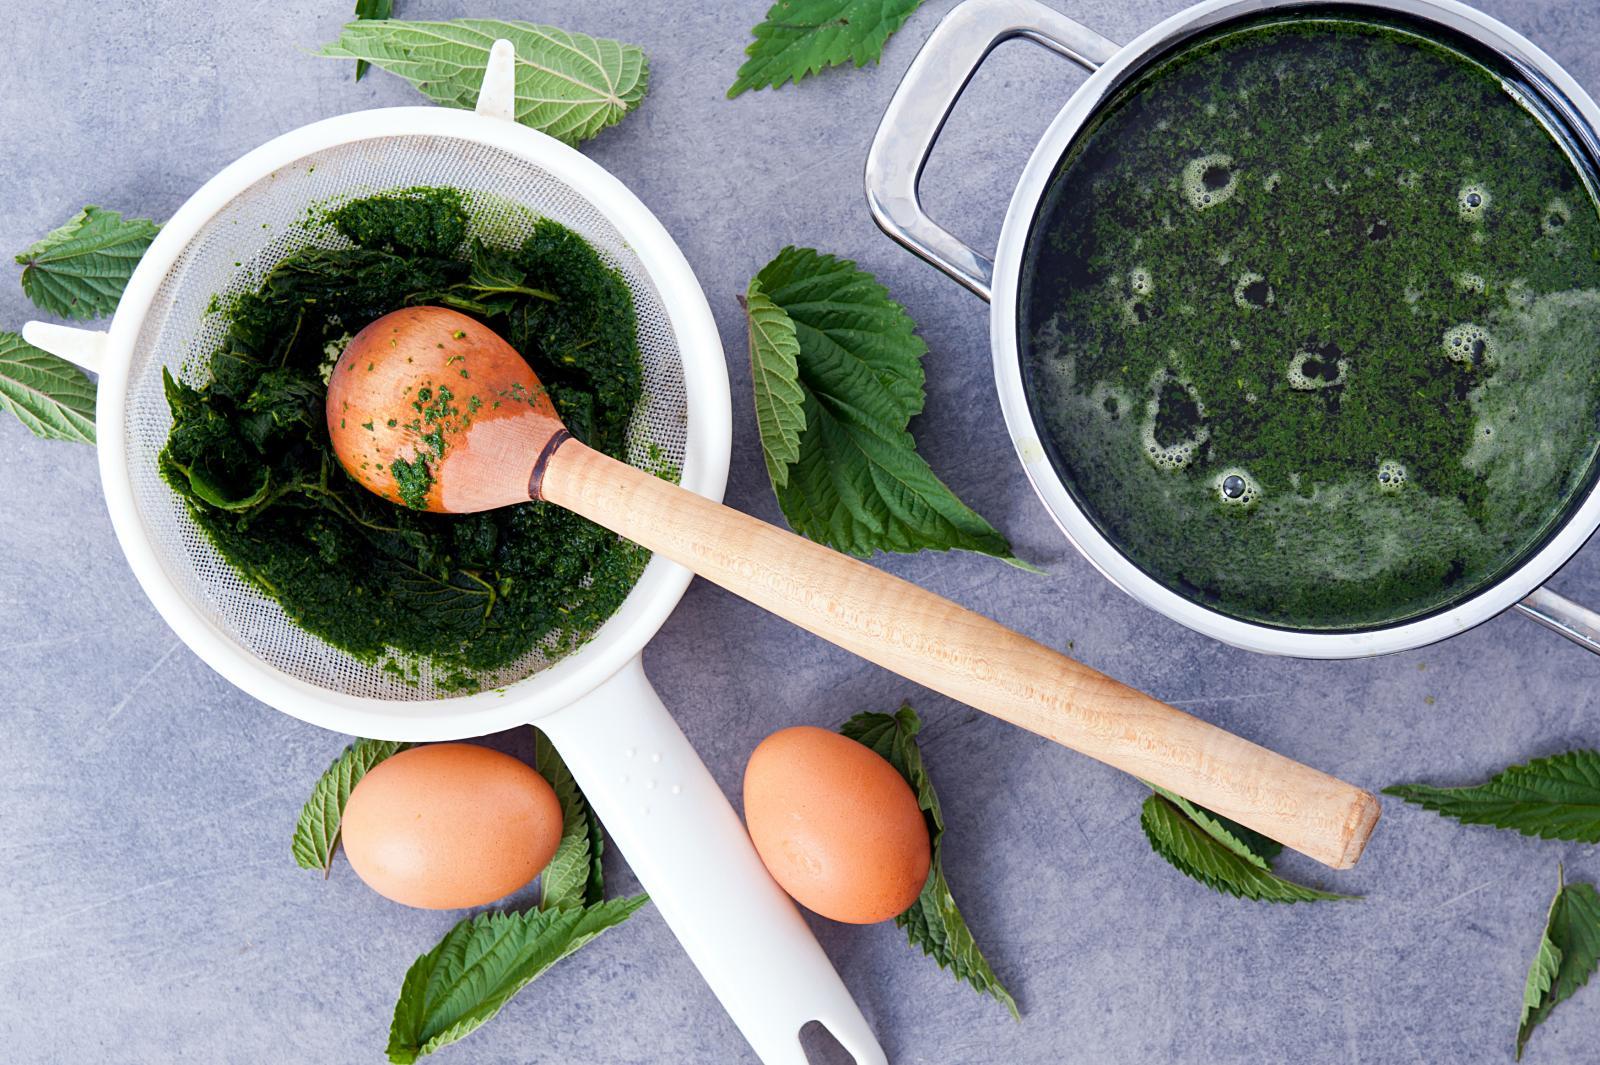 Iskoristite proljeće i obogatite koprivom svoj jelovnik.